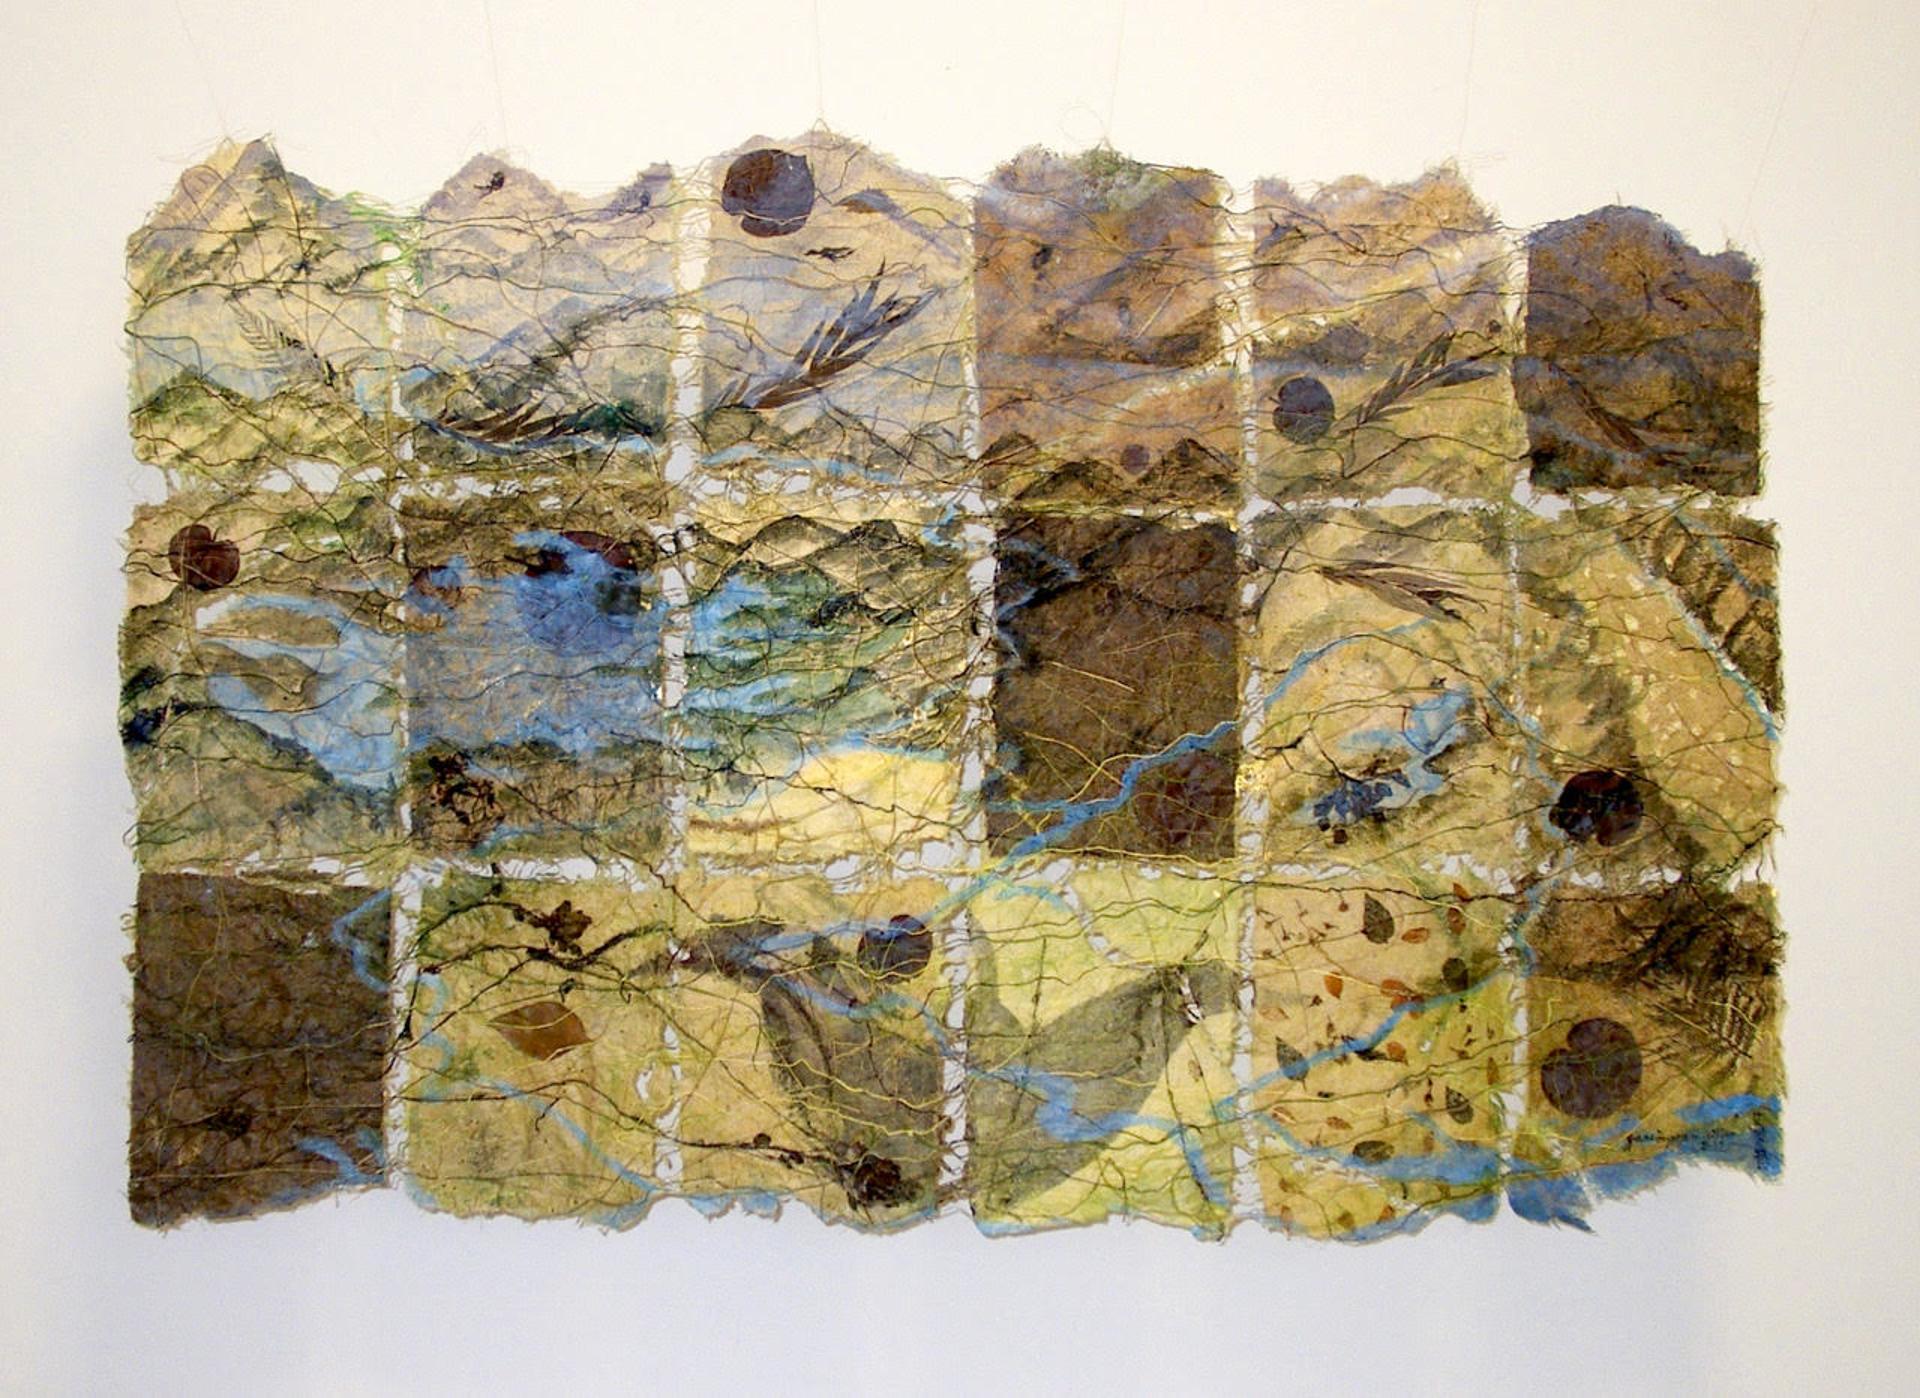 TAINAN SITE MAP by Jane Ingram Allen